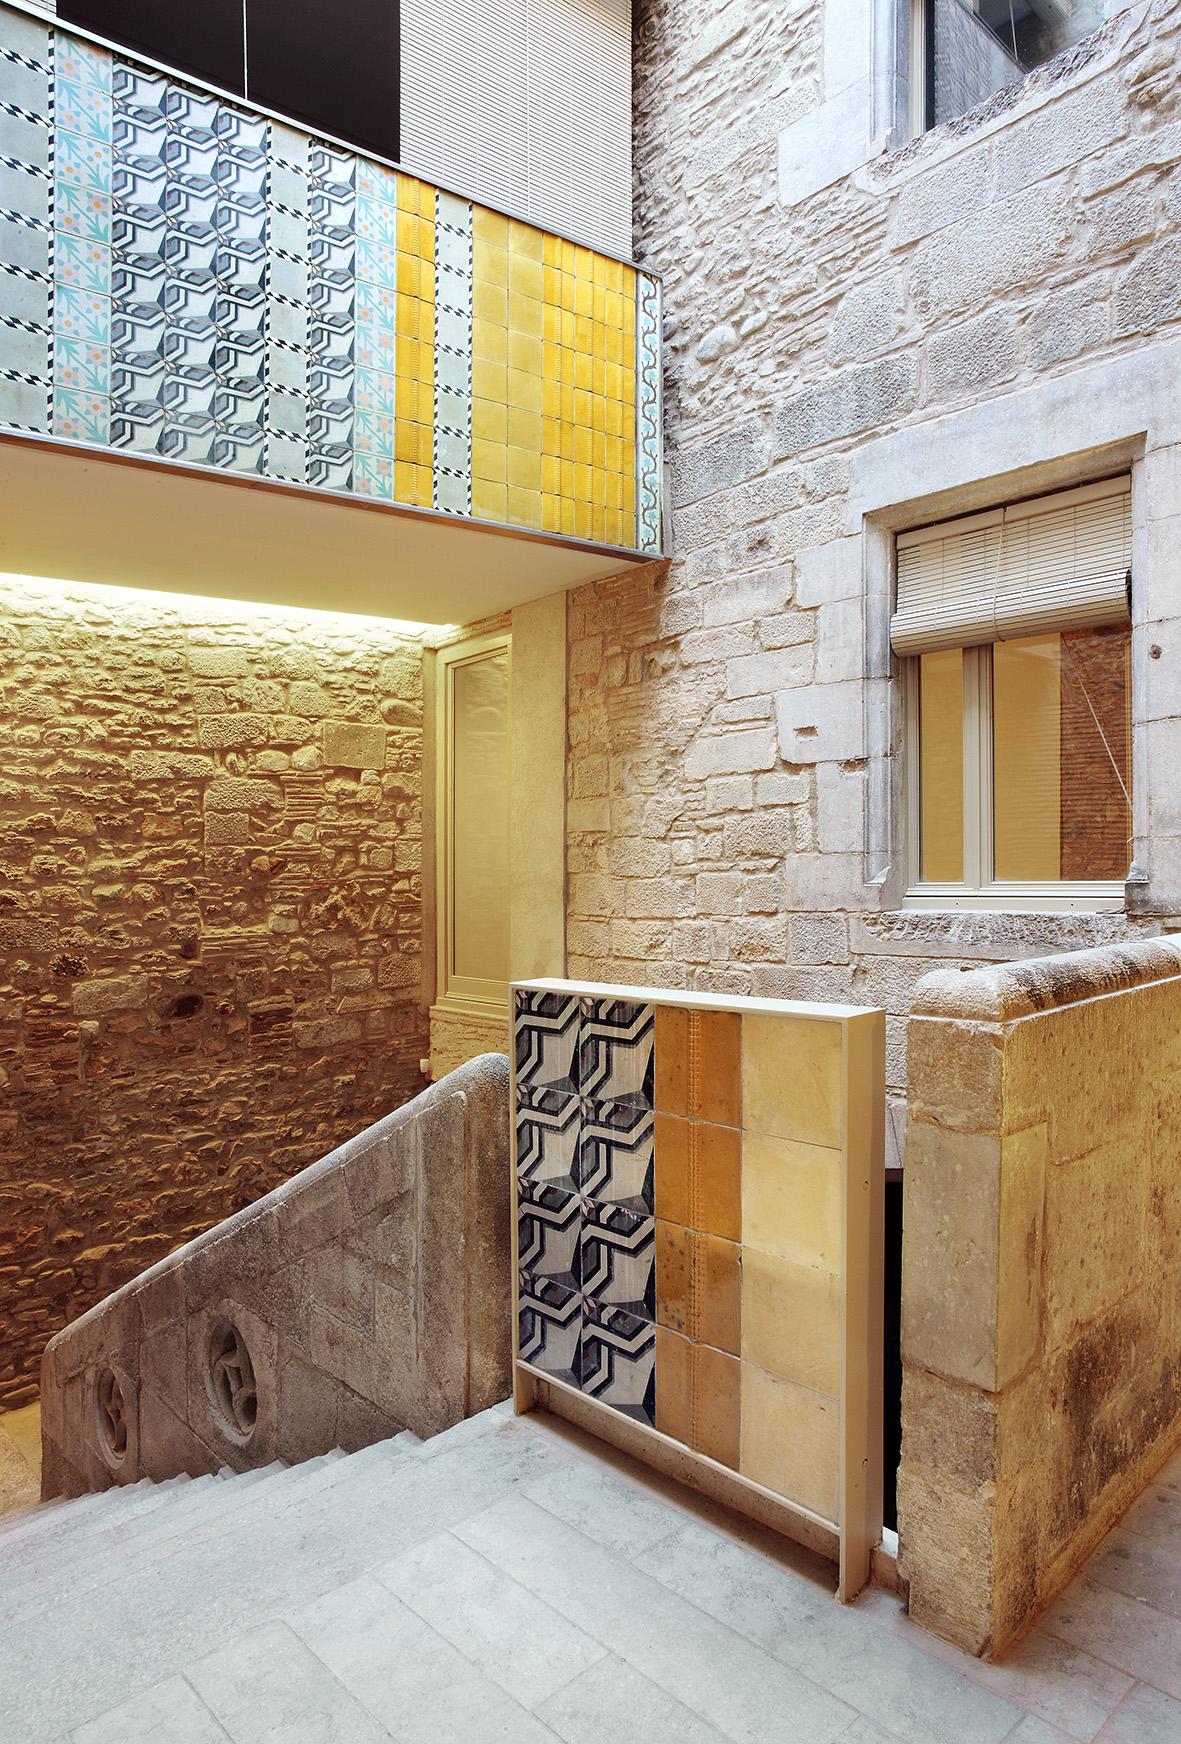 Arquitectura reinventada la respuesta de los arquitectos a la crisis idealista news - Casco antiguo de girona ...